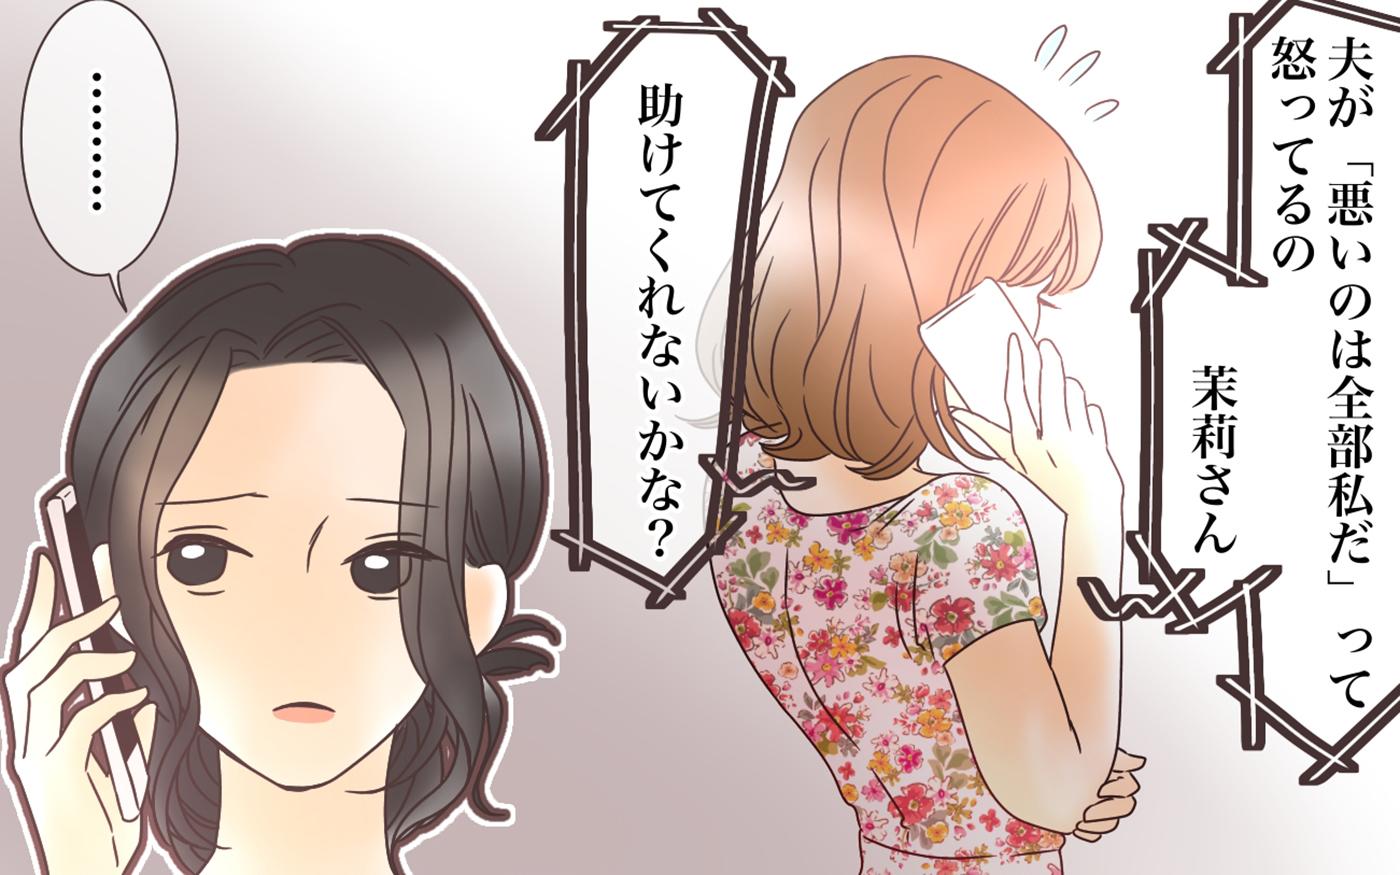 オシャレを強要するママ友…しかしある噂が予想外の事態を引き起こす!(7)